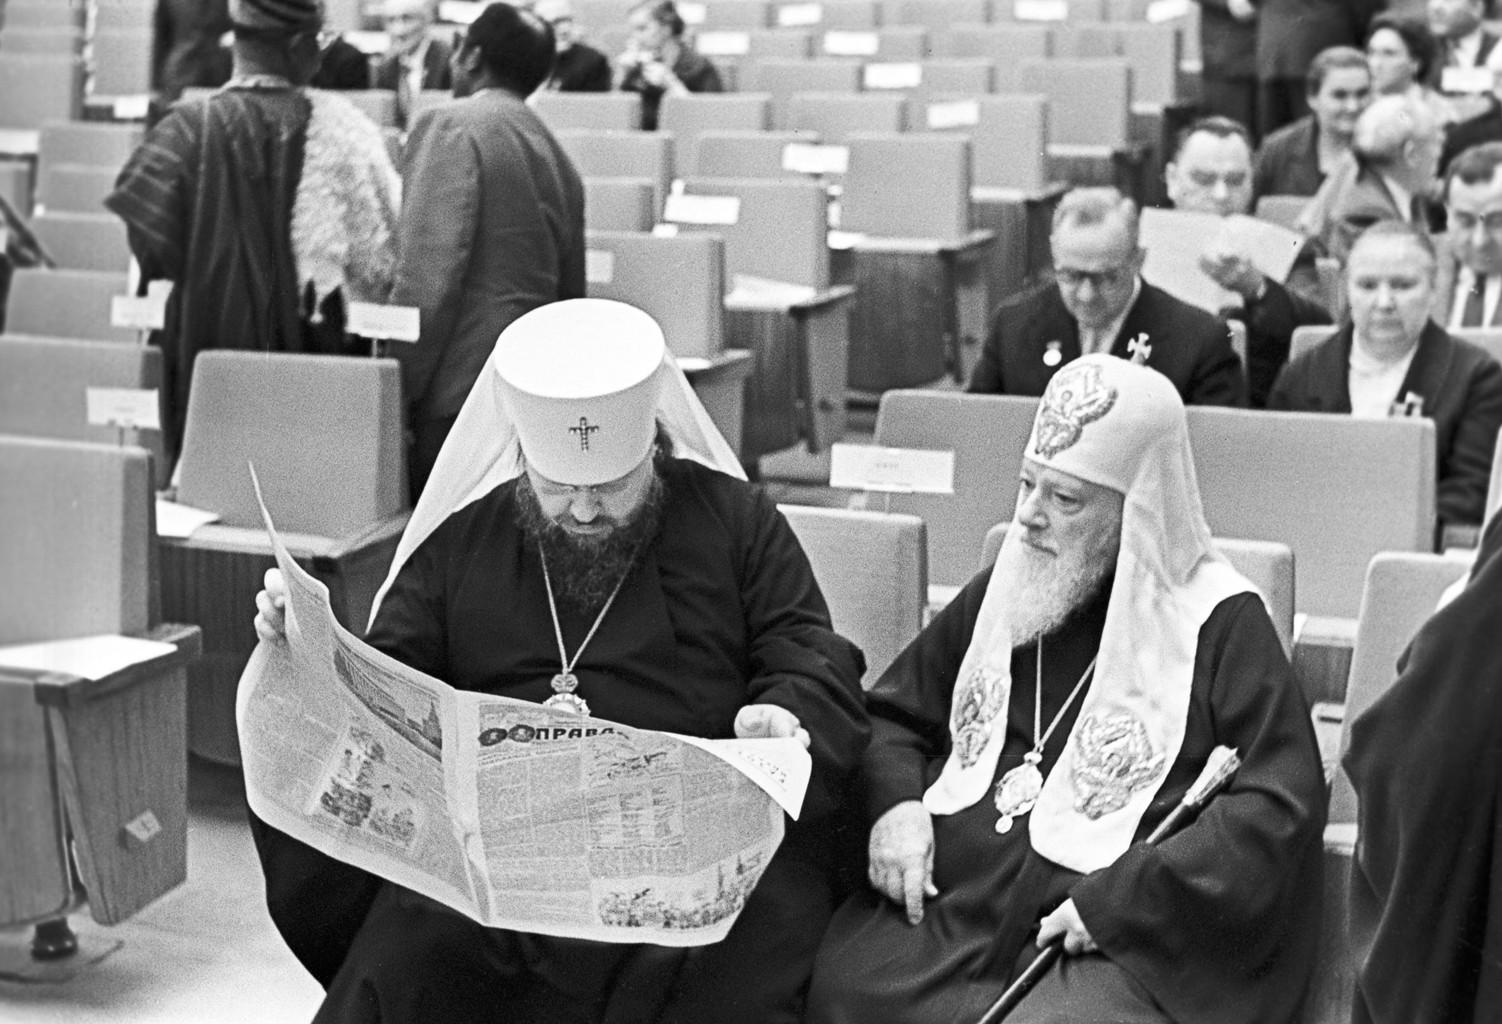 Pimen ortodox pátriárka (jobbra) kisérője a Pravdát olvassa egy nemzetközi kongresszus szünetében Moszkvában, 1971-ben #moszkvater